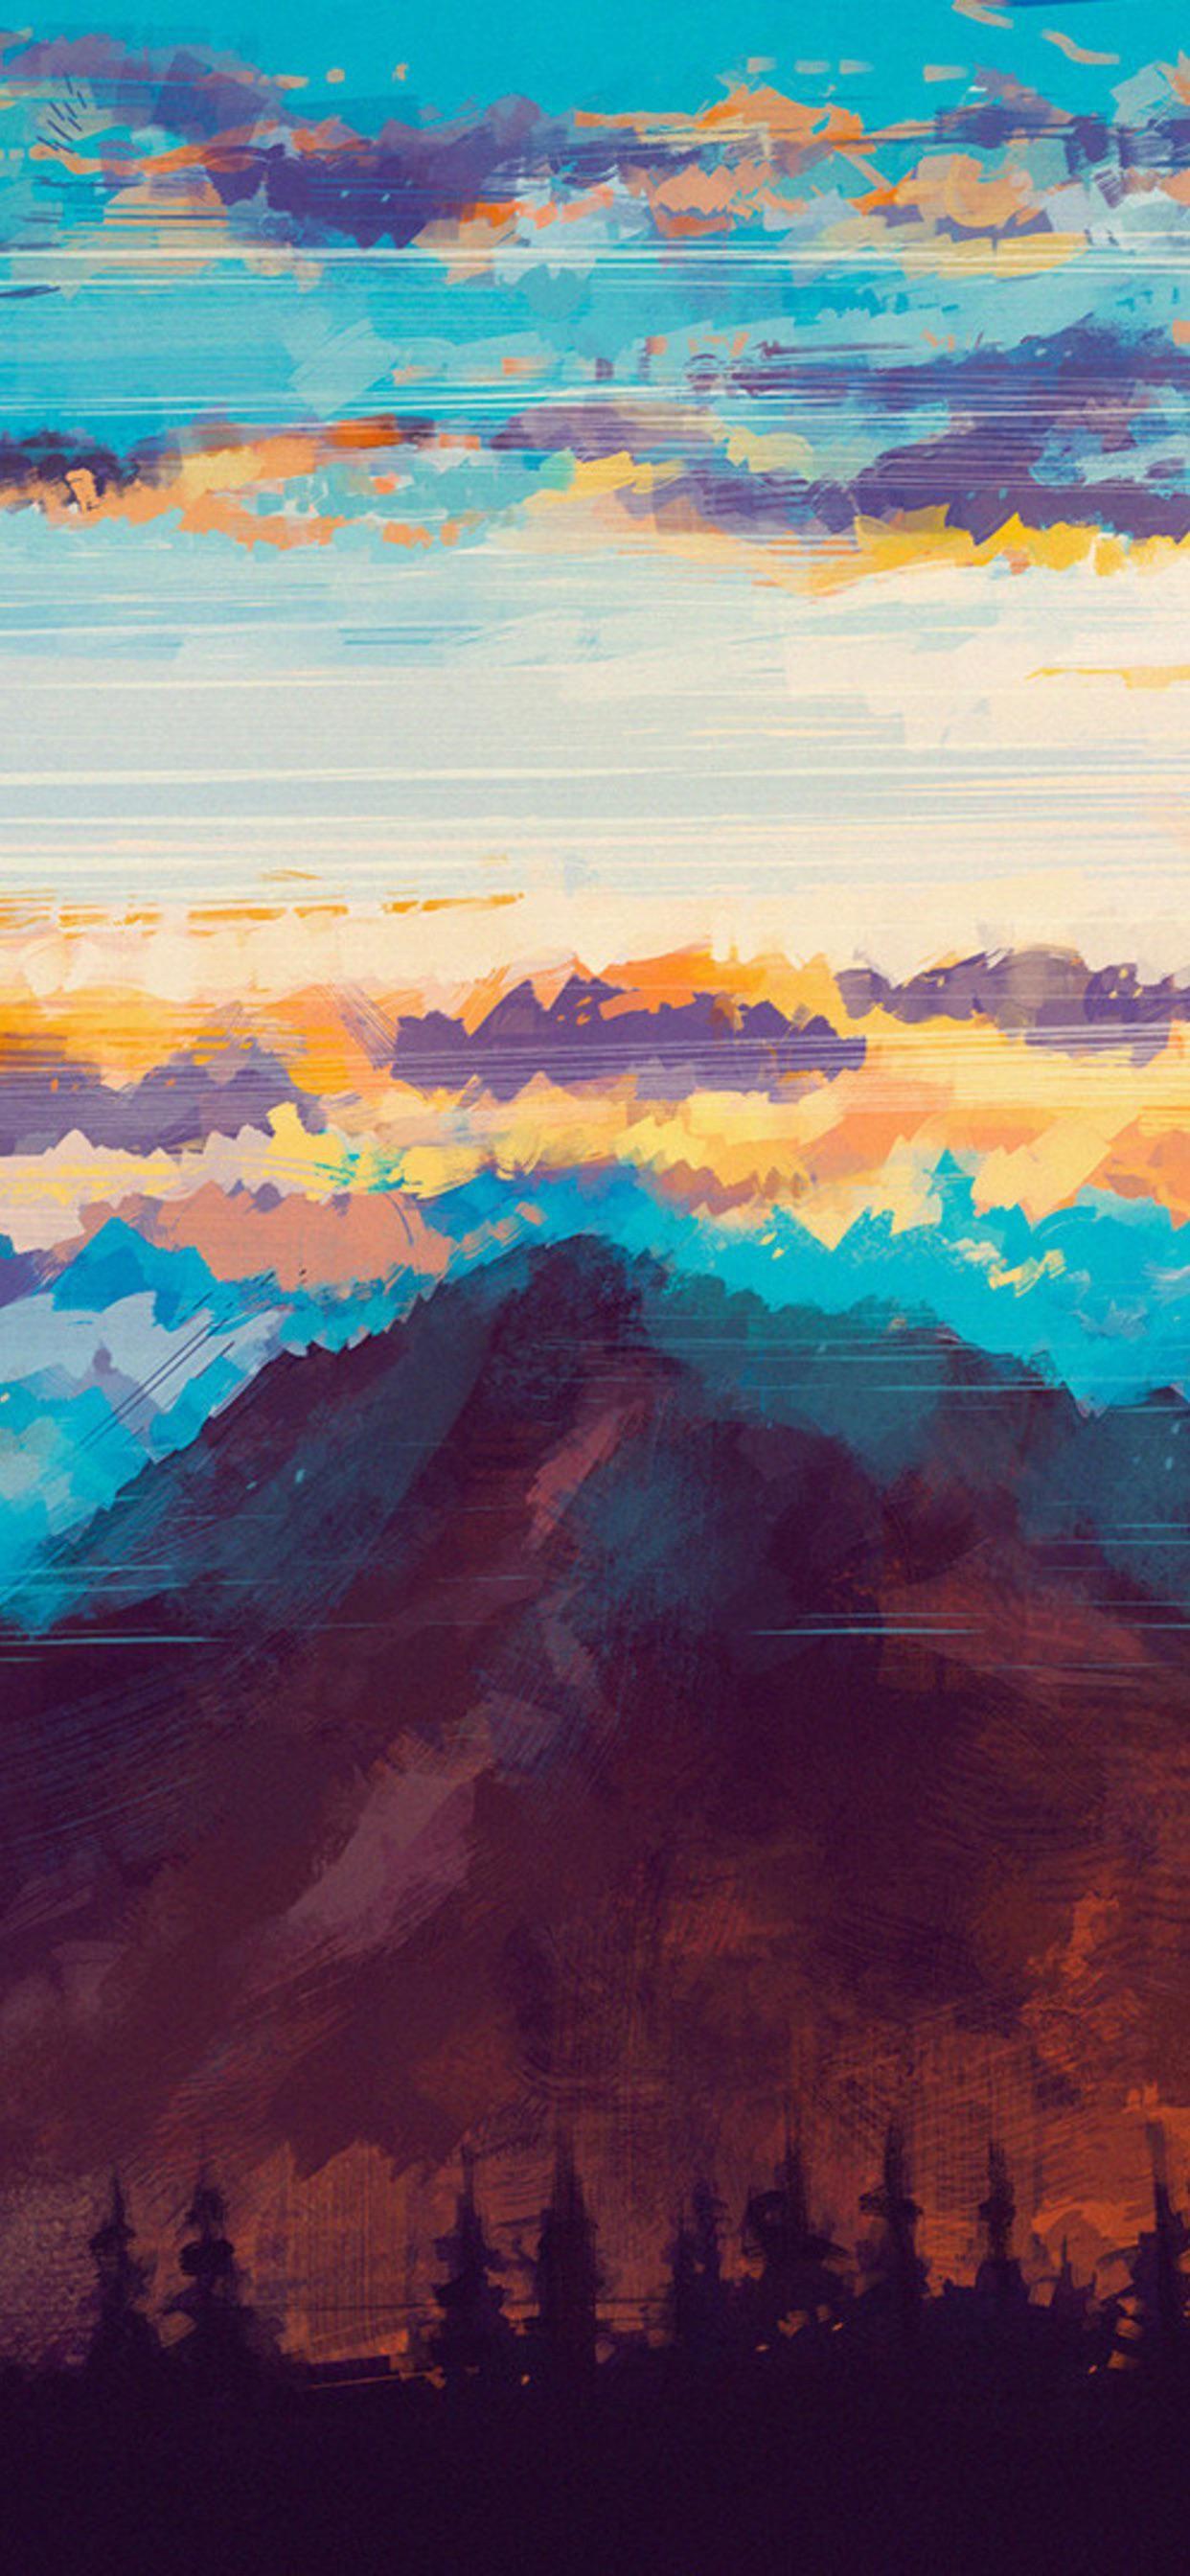 Beautiful sky in 2020 Nature wallpaper, Artwork, Phone